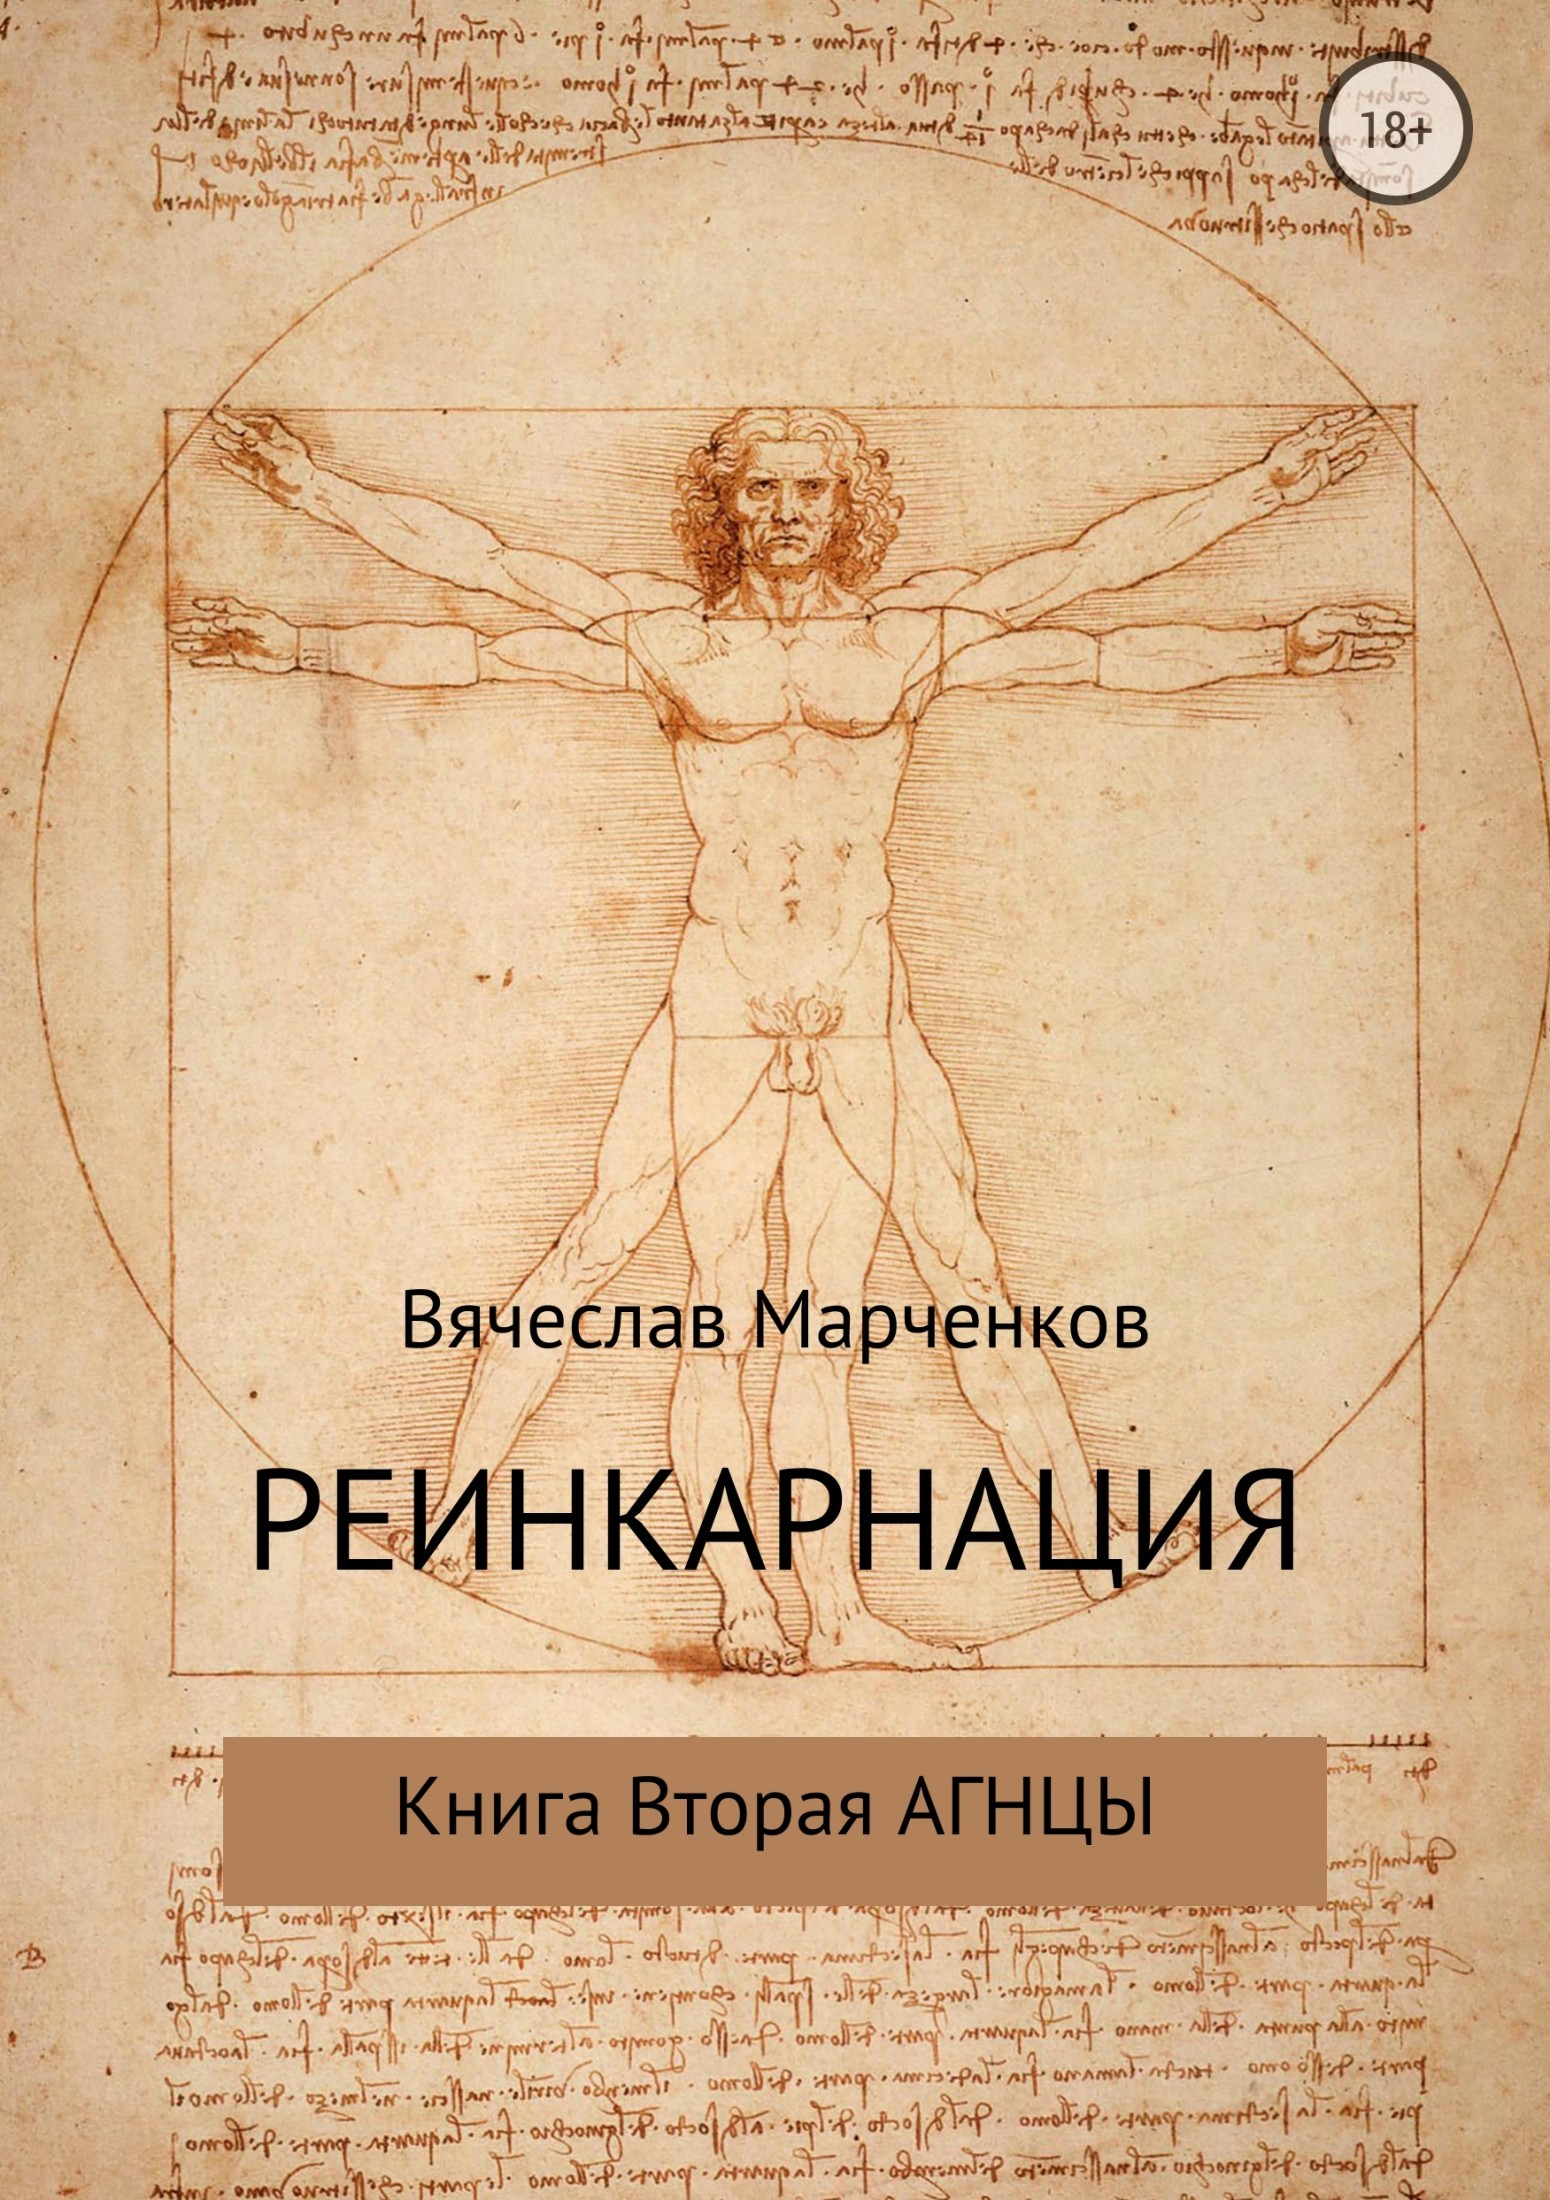 Реинкарнация. Книга вторая. Агнцы